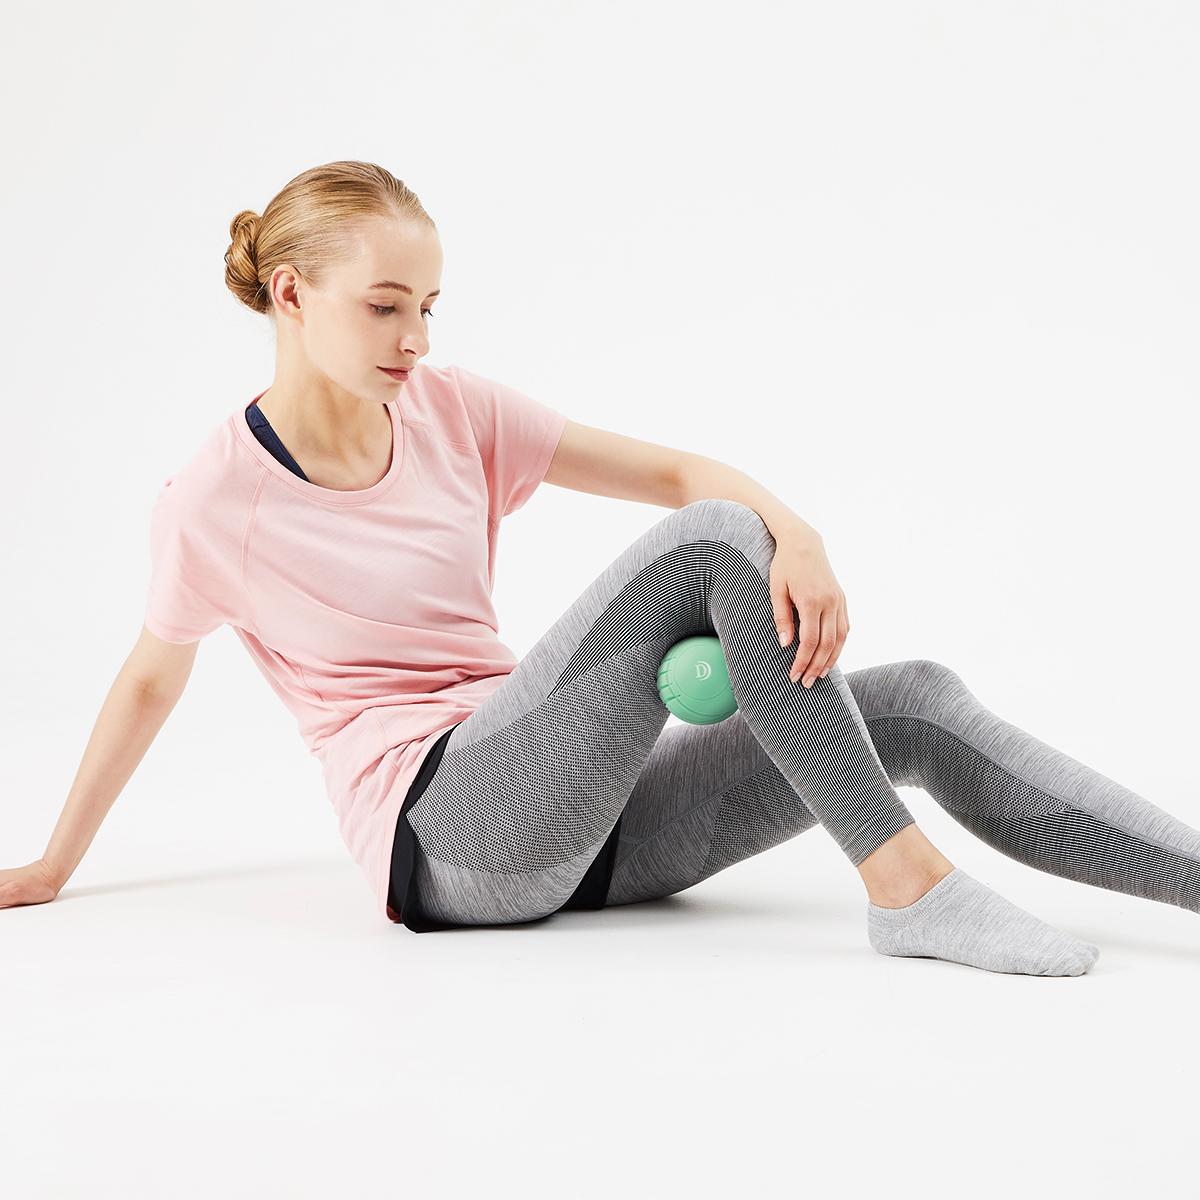 指では届きにくい深さまで、ボールをグーッと押さえつけながら、身体を動かすことで、筋膜の癒着が剥がれ、筋肉本来の動きへ。 Dr.Air 3Dコンディショニングボール